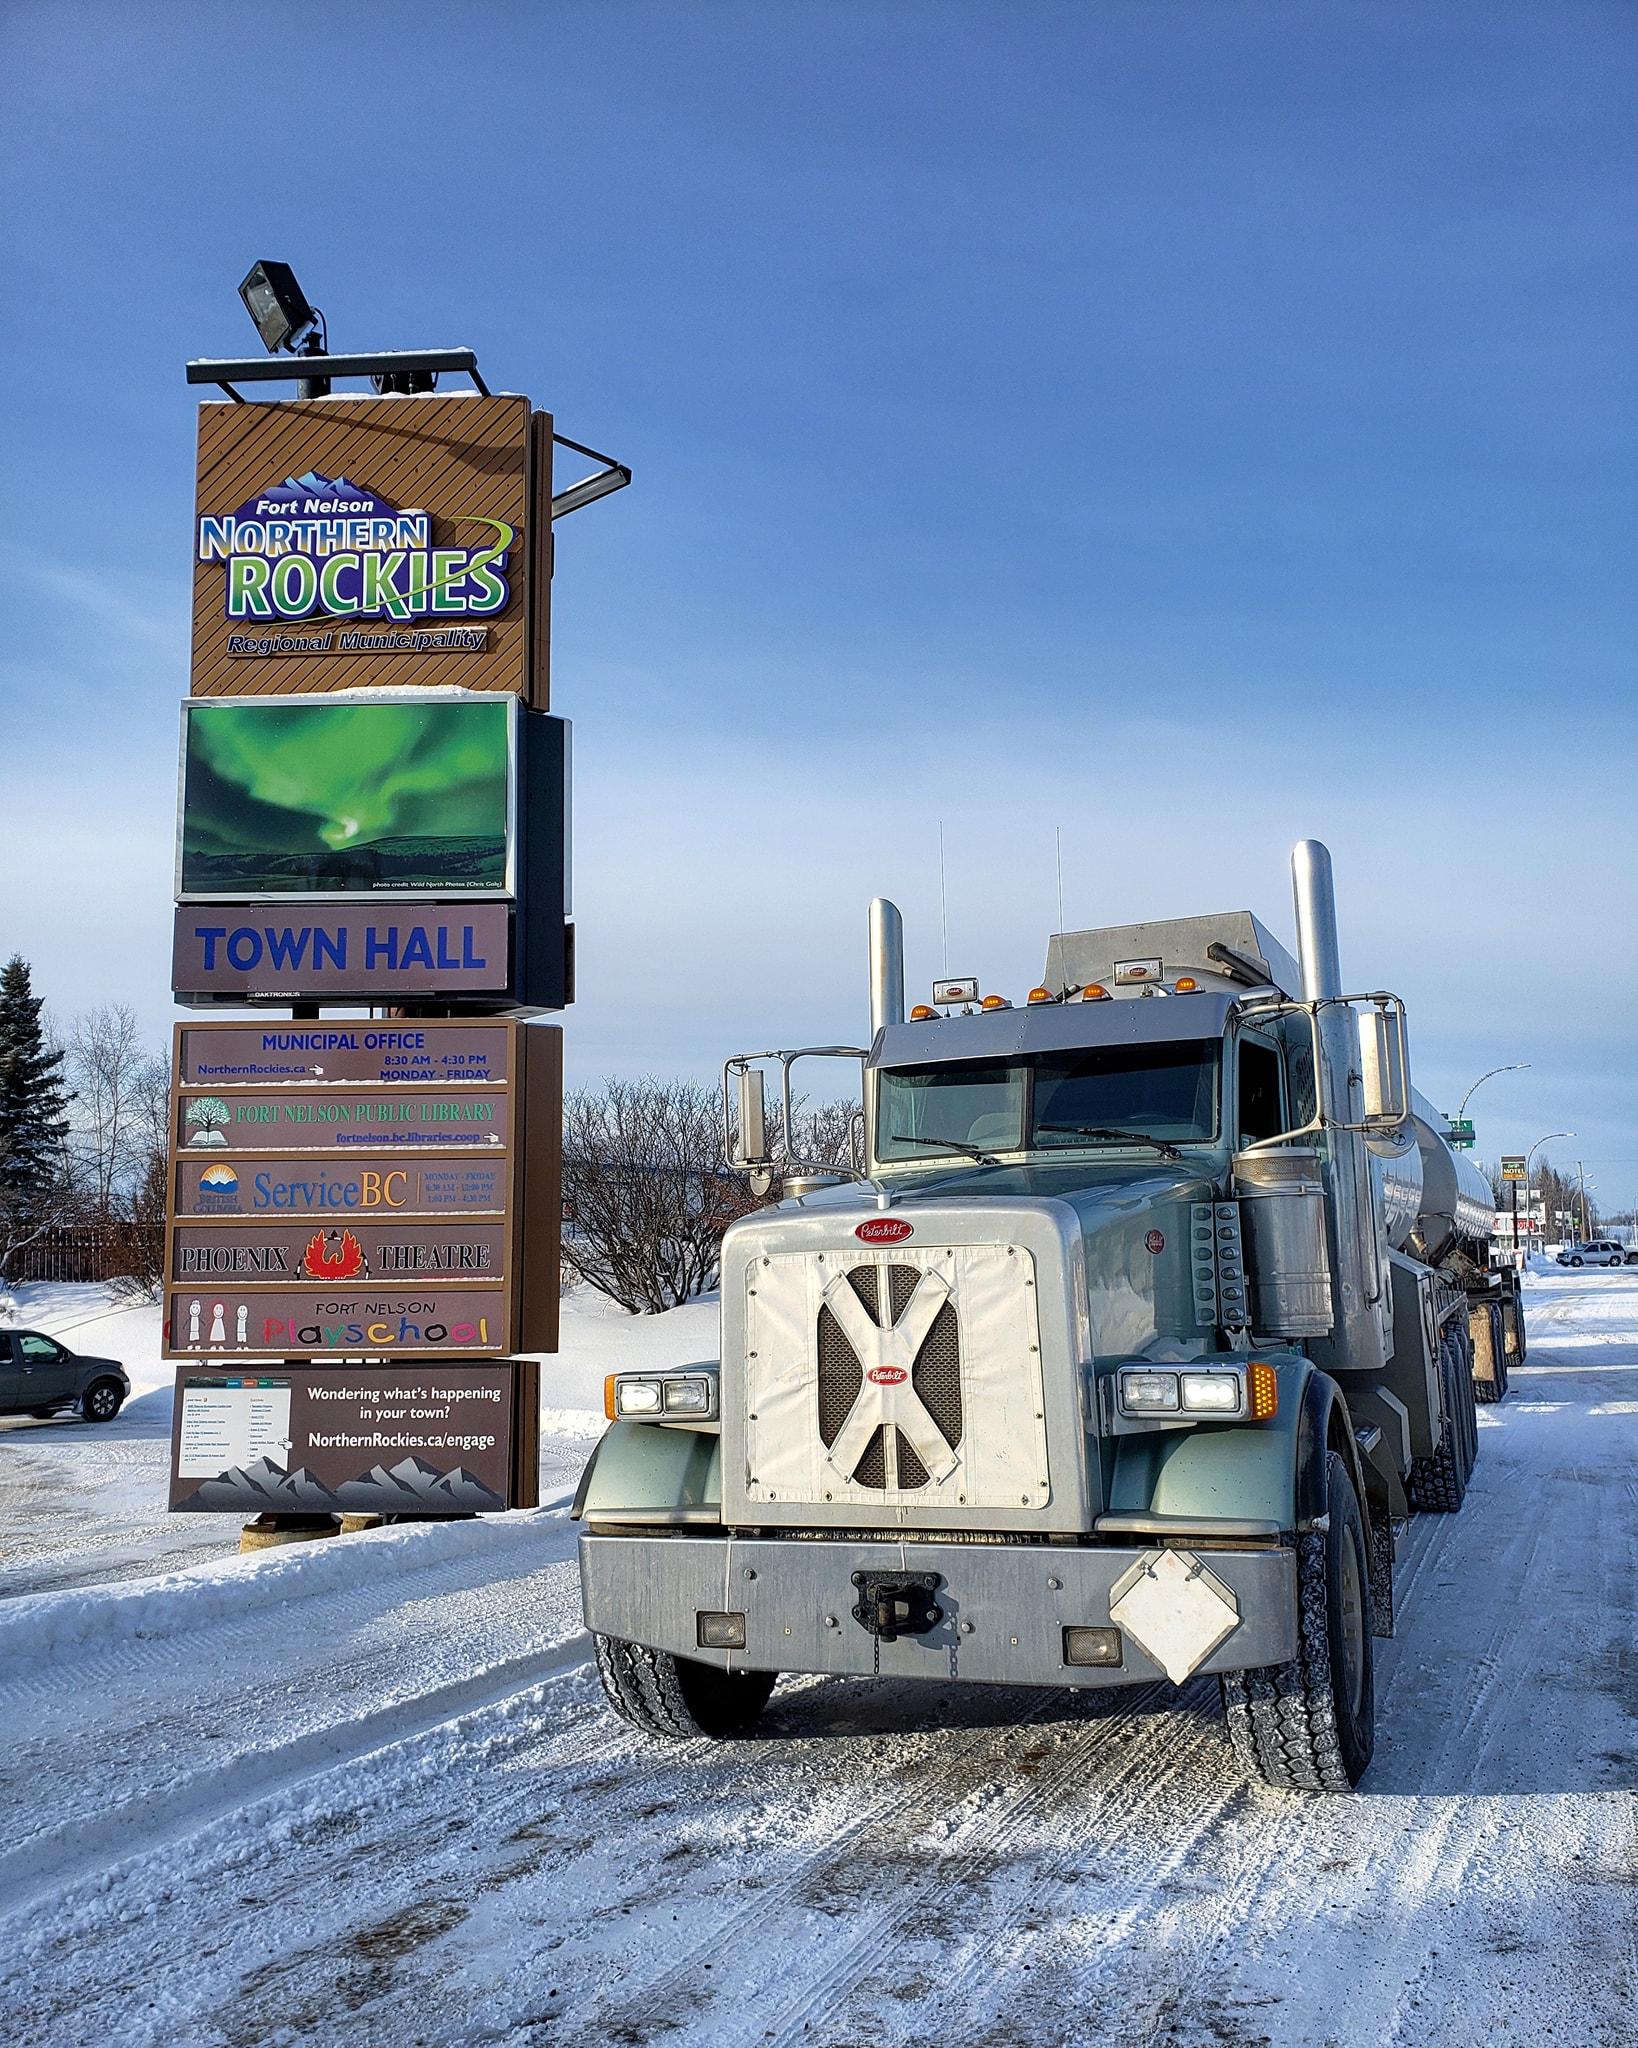 14-2-2020--nu-met-tankwagen-om-meer-thuis-te-zijn-Taber--(15)